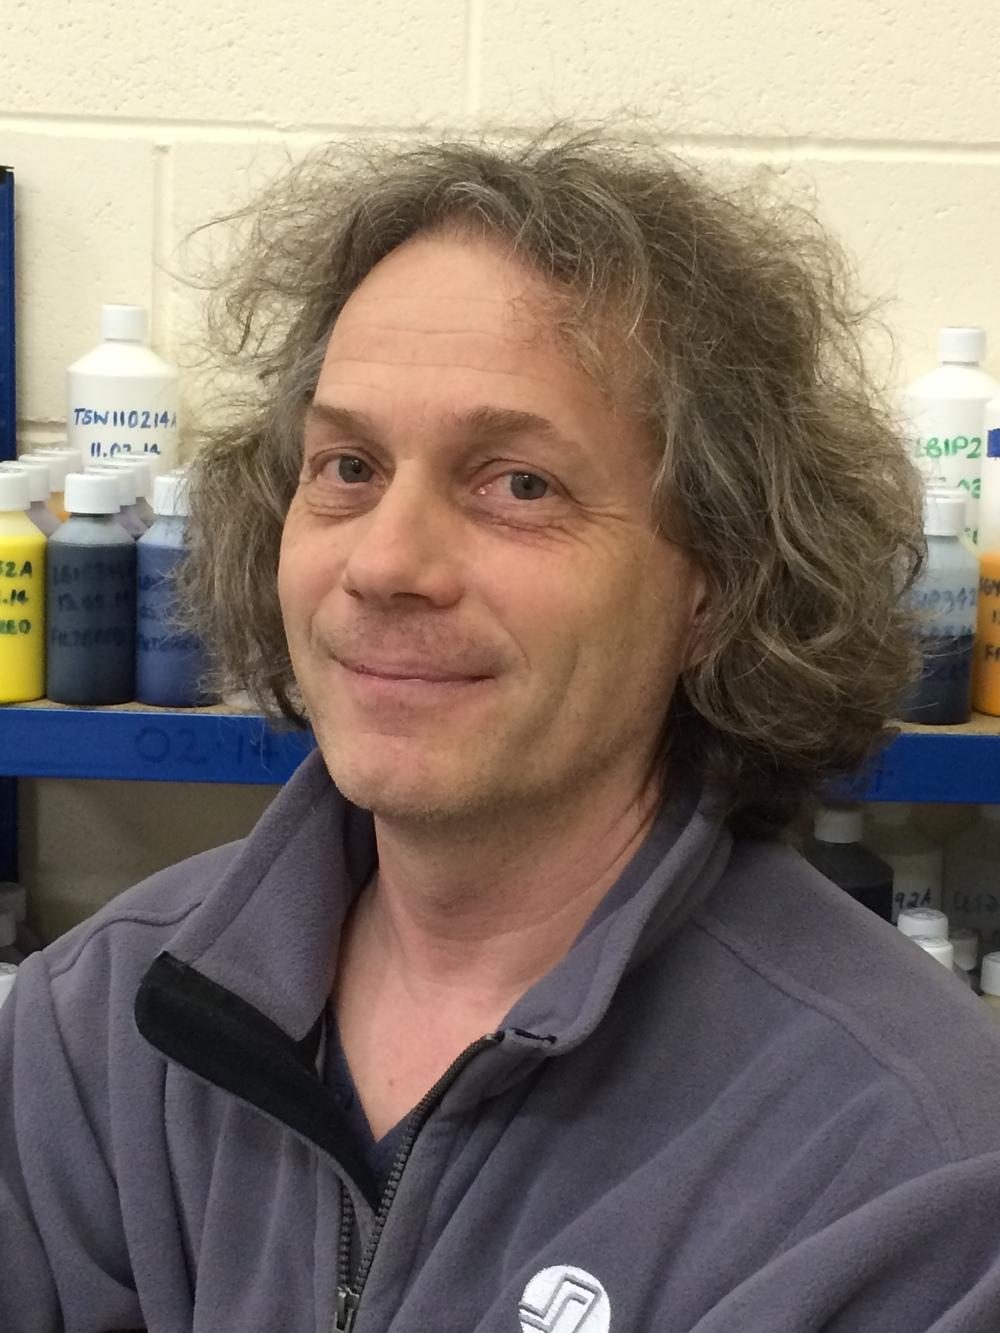 Melker Ryberg, R&D Project Manager, Valinge